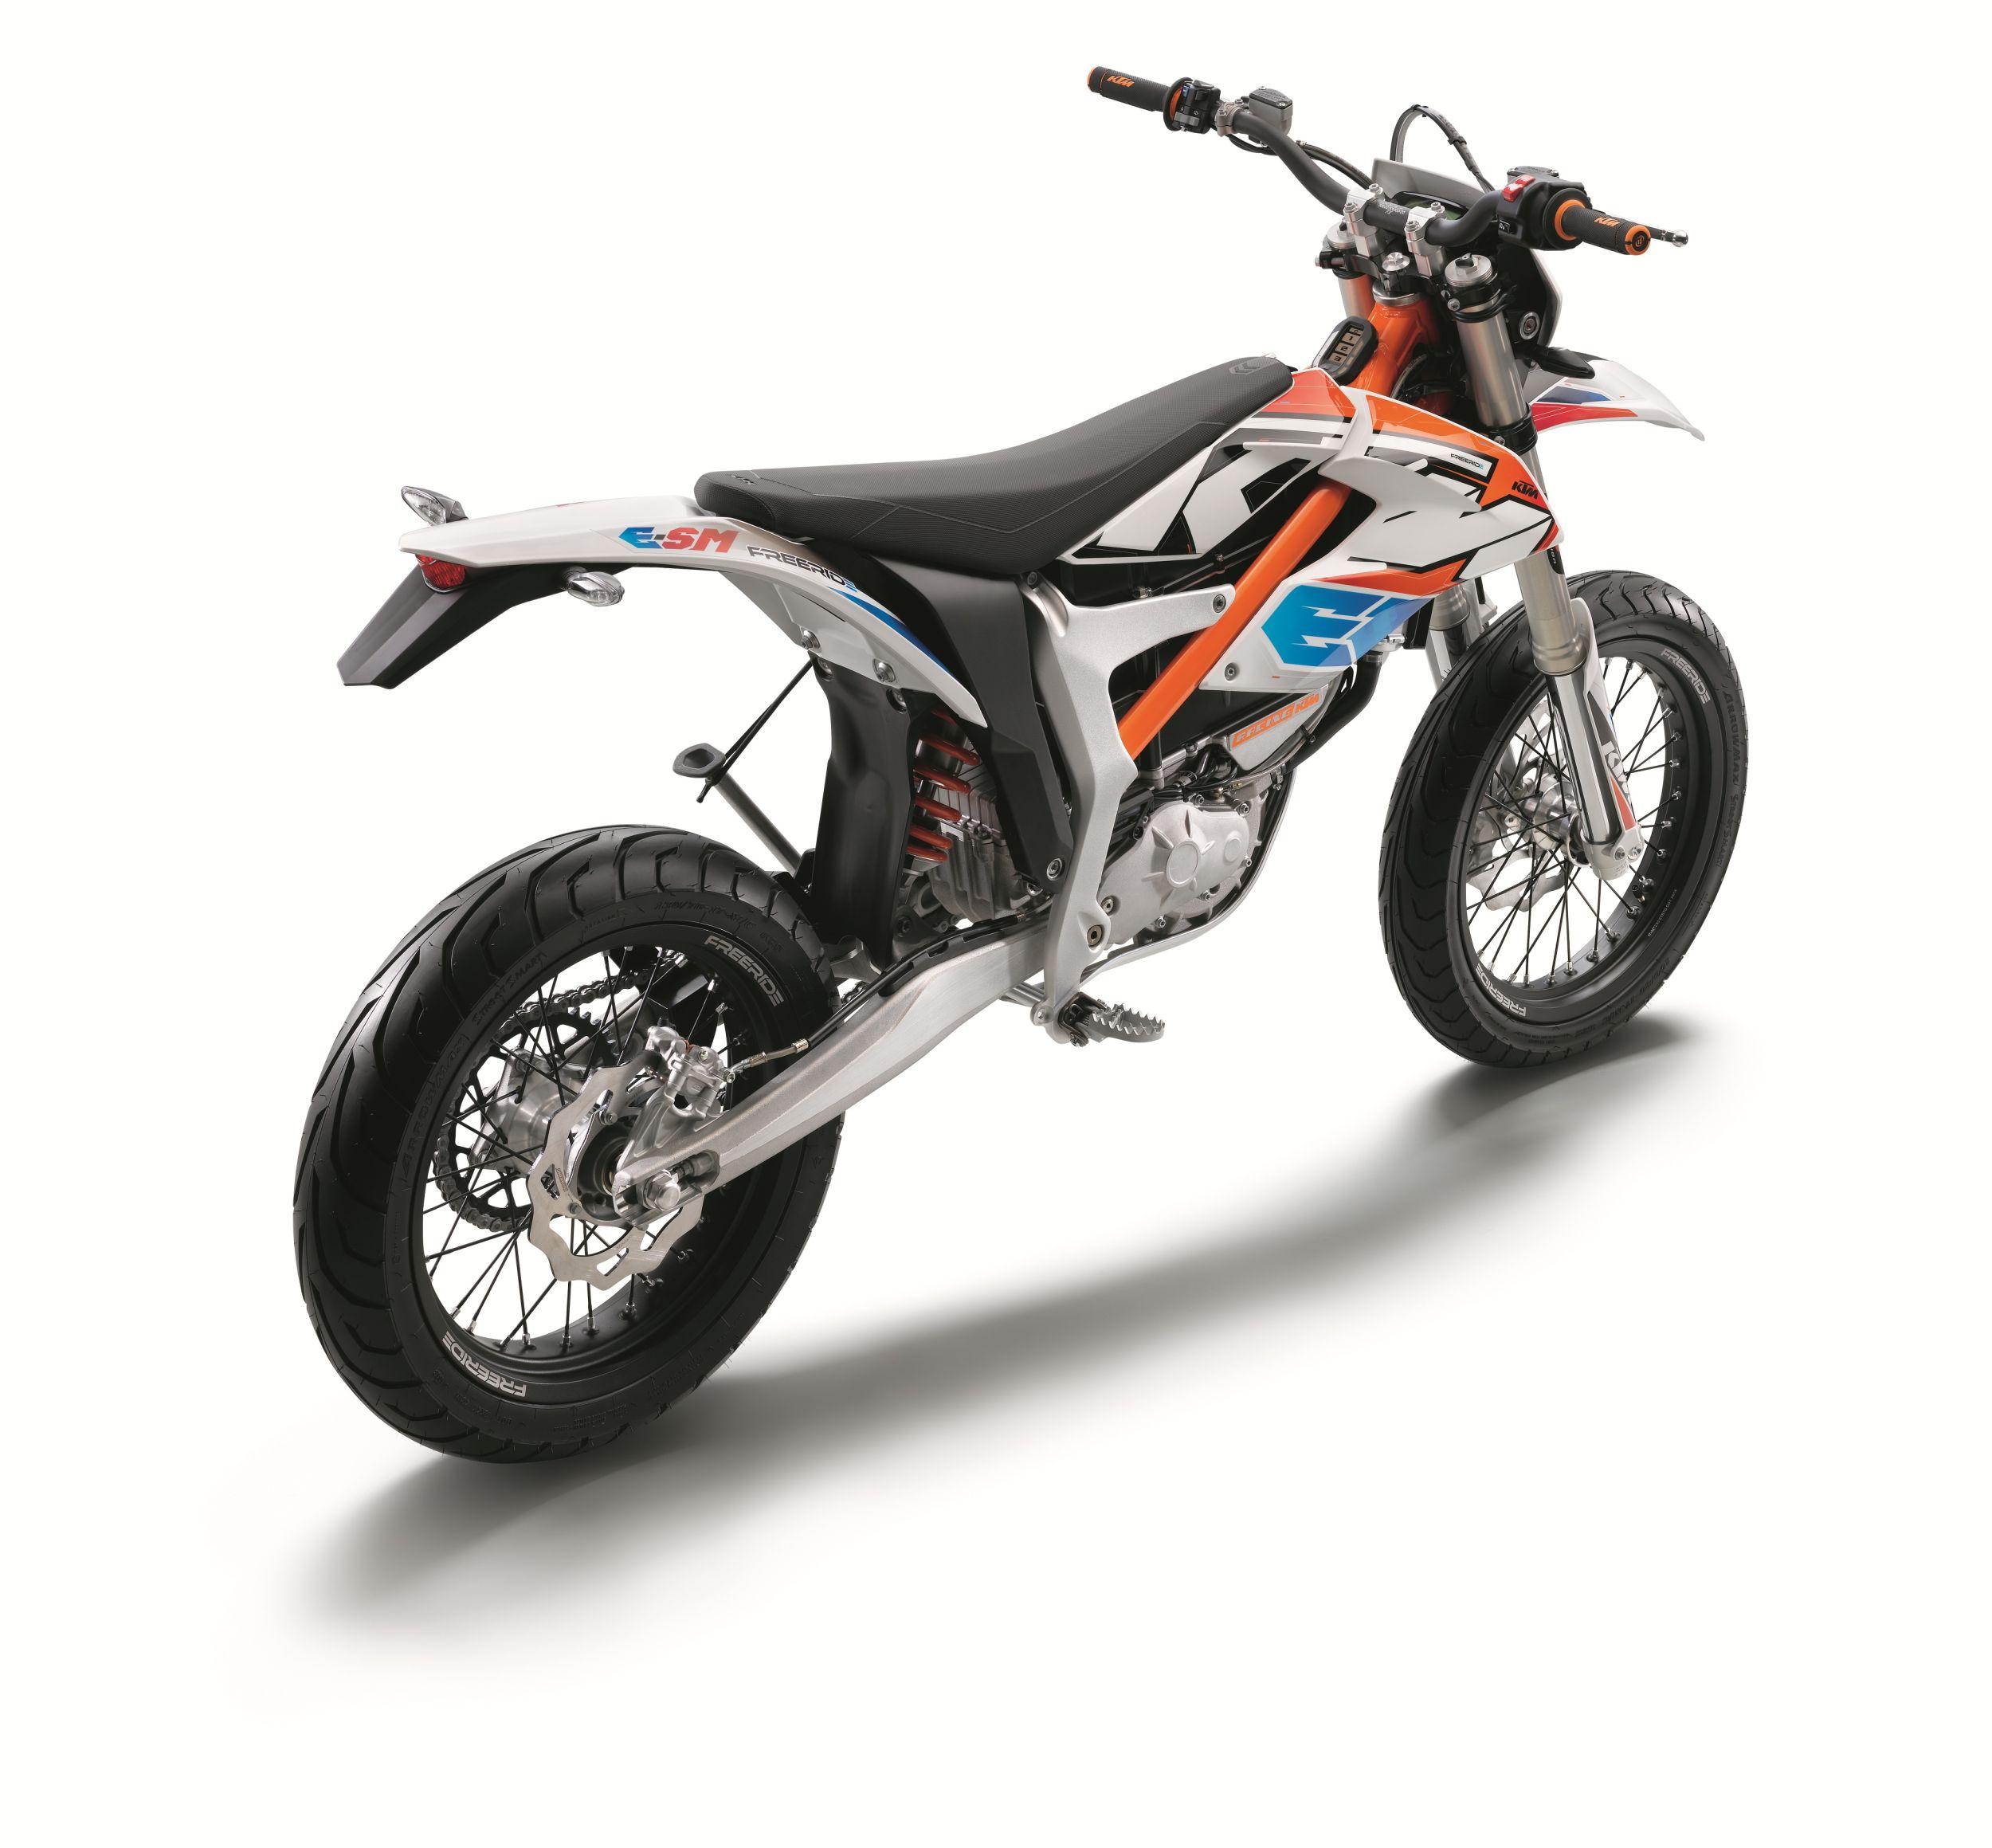 Ktm Freeride E Sm >> Gebrauchte und neue KTM Freeride E-SM Motorräder kaufen